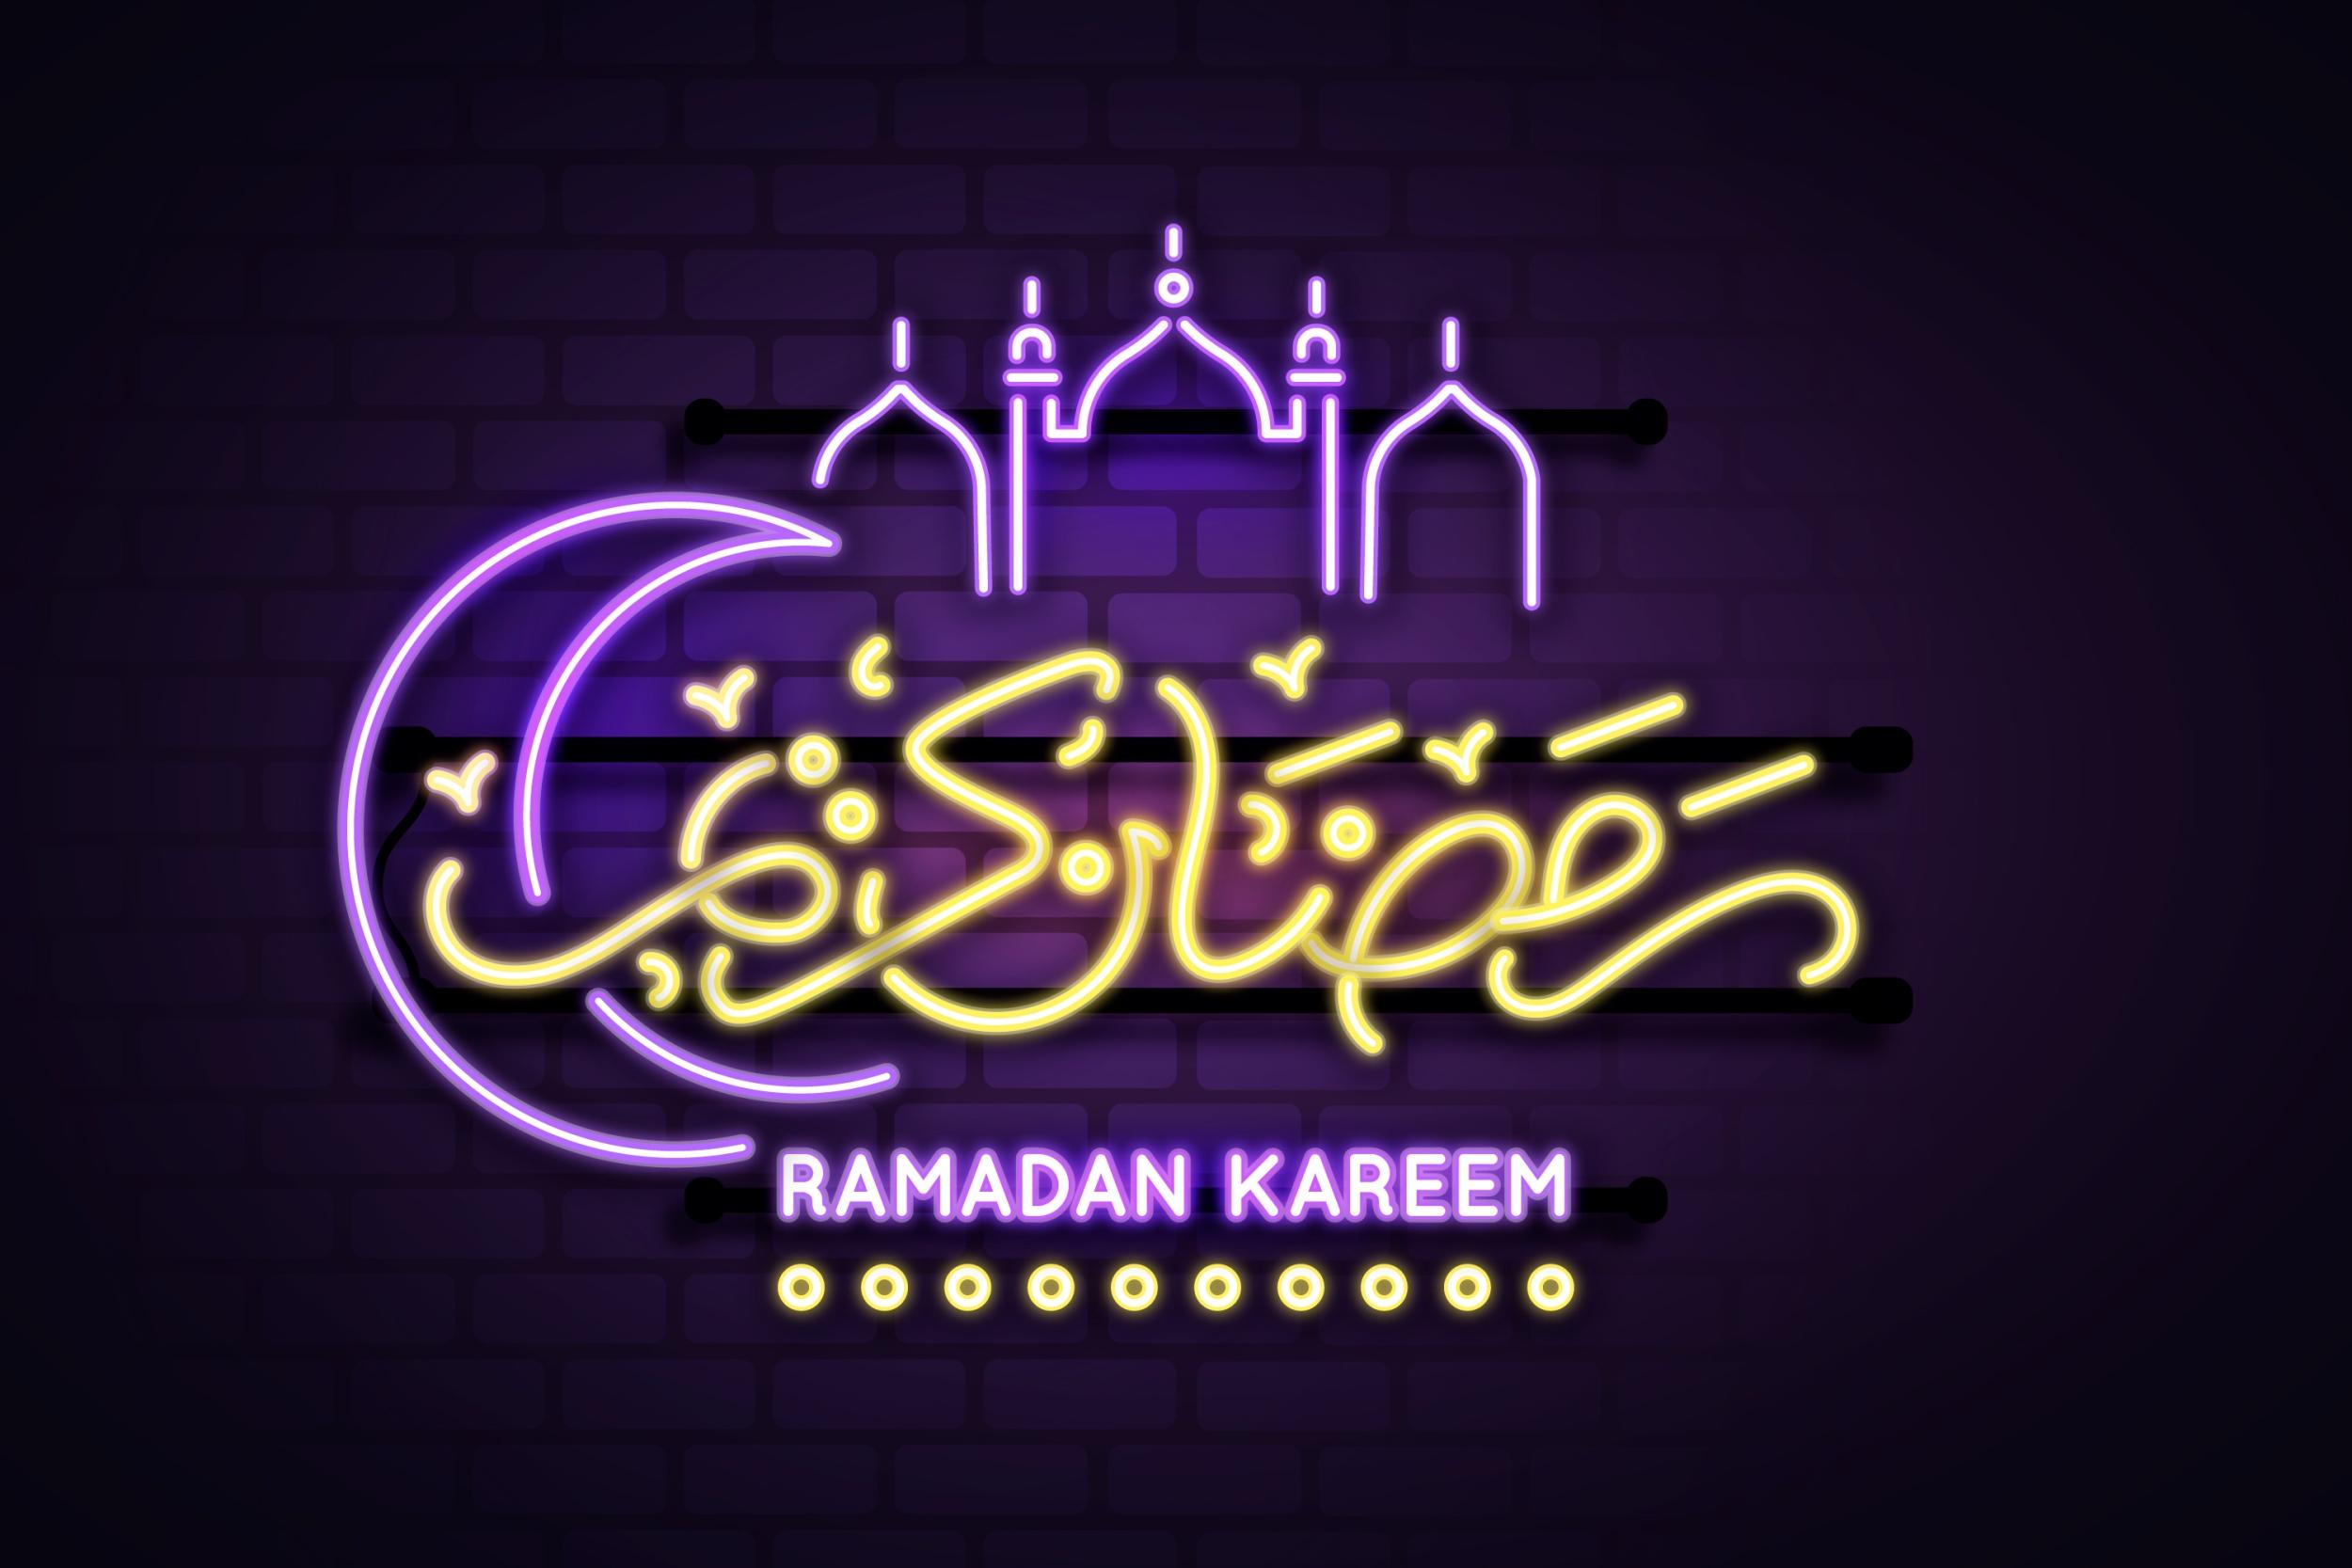 عبارات تهنئة بقدوم شهر رمضان المبارك